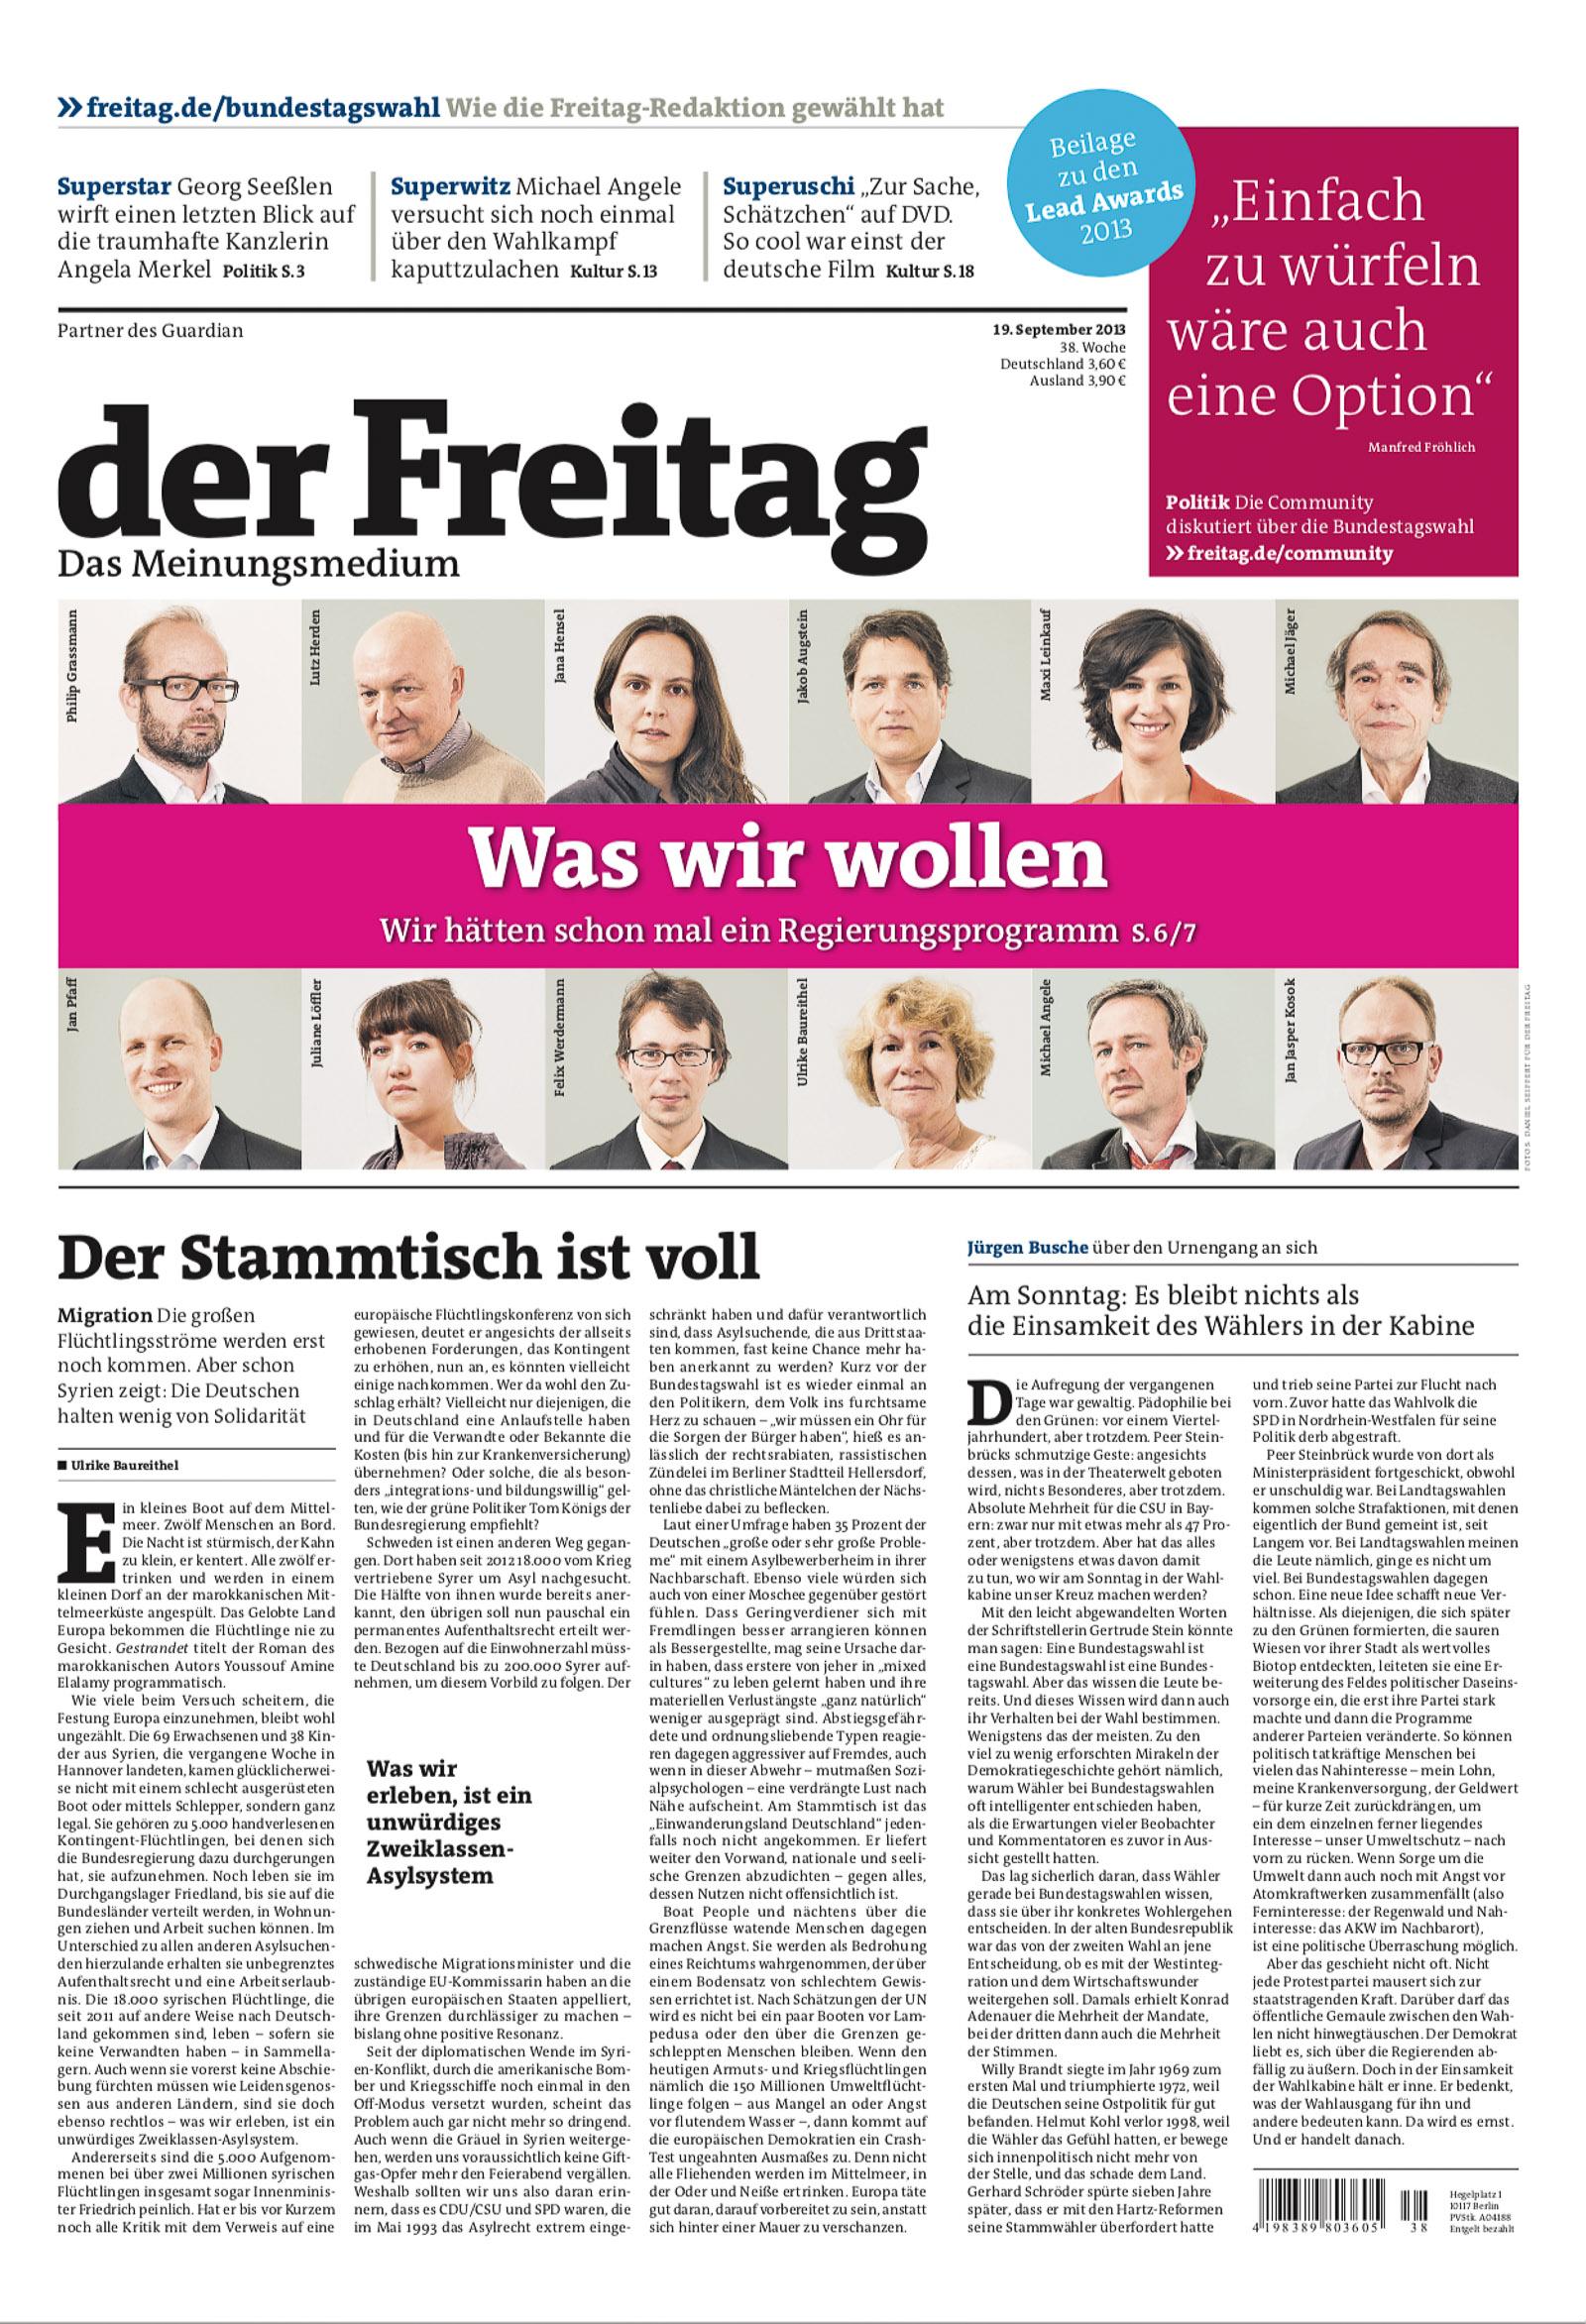 Teersheets-(c)_DanielSeiffert.jpg